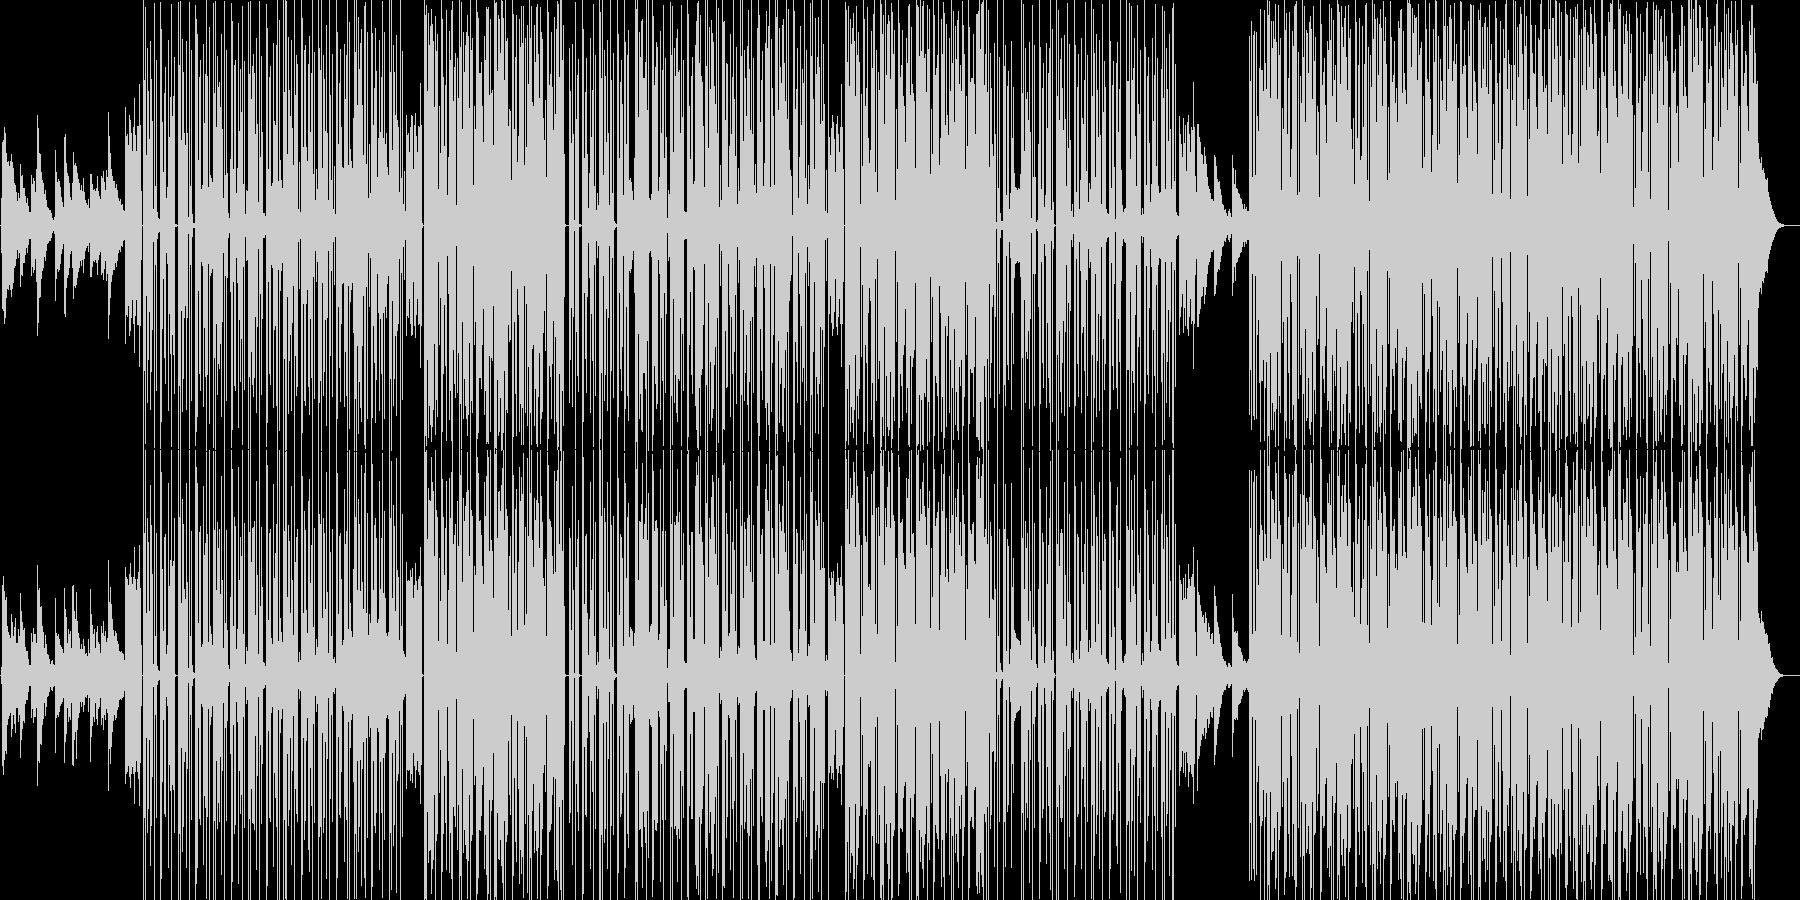 ヒップホップ。古いスタイルとサウンド。の未再生の波形